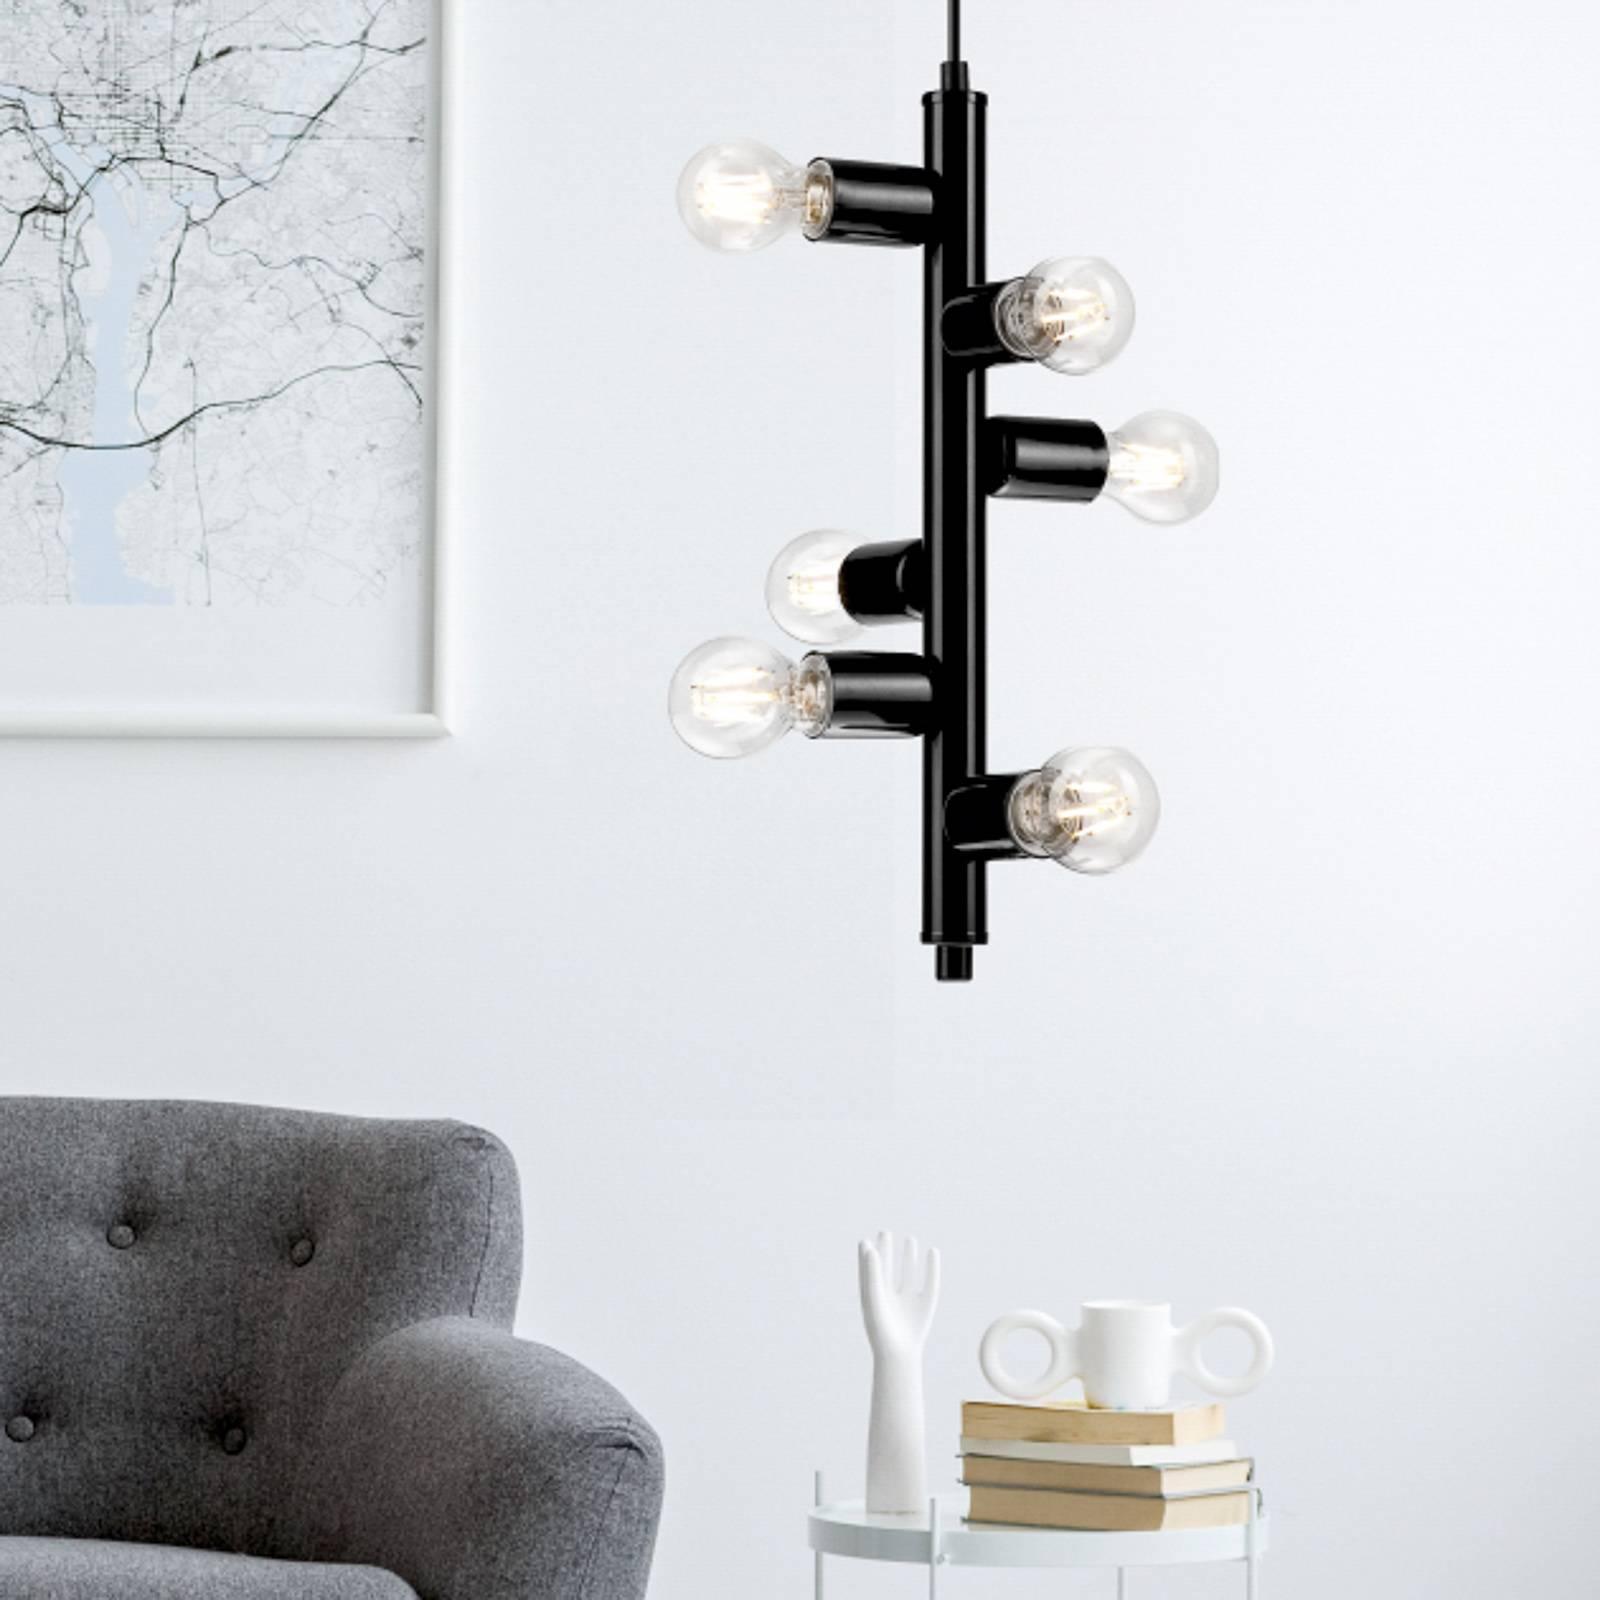 Hanglamp Form met 6 fittingen, zwart